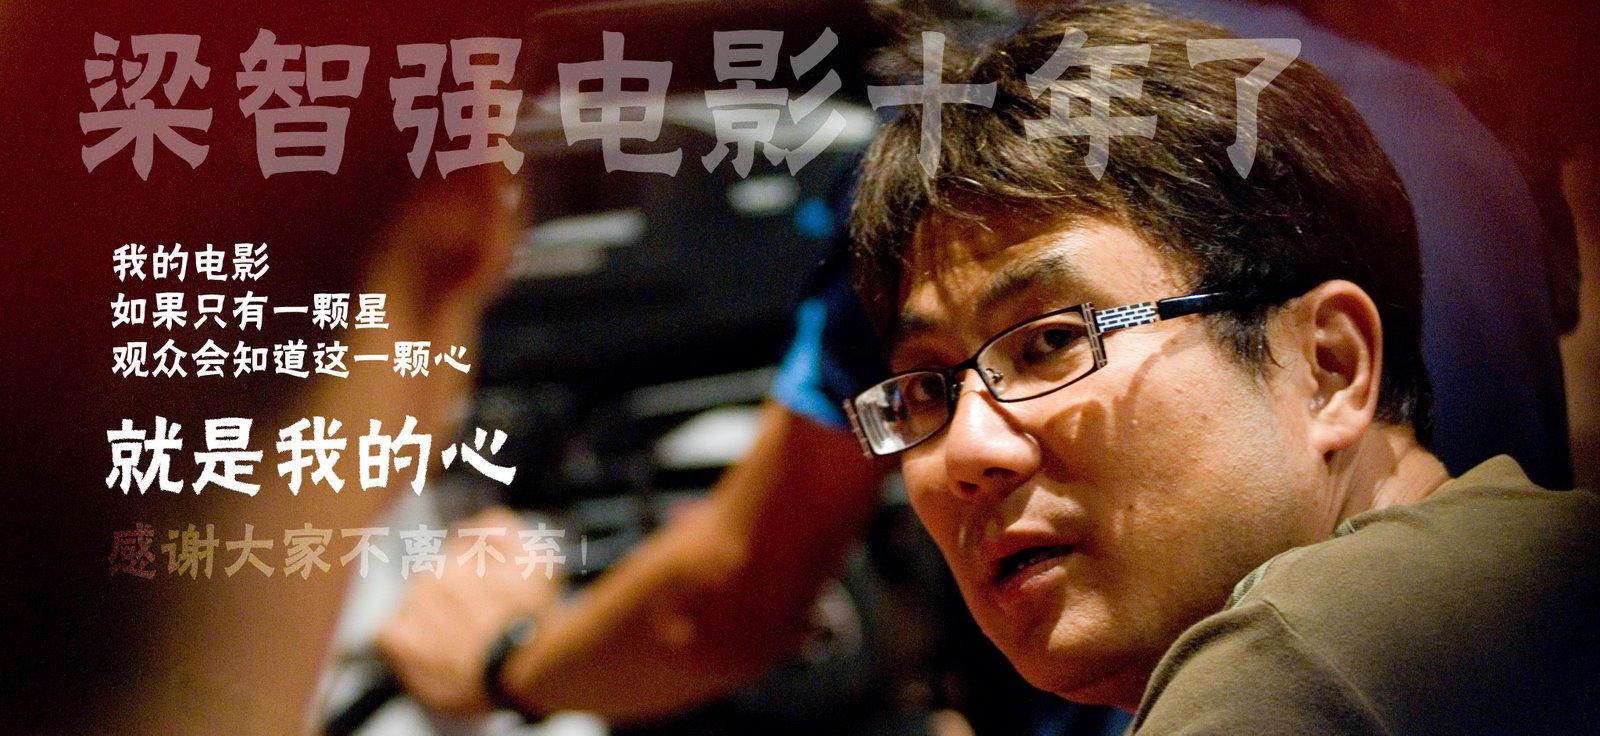 Director Jack Neo